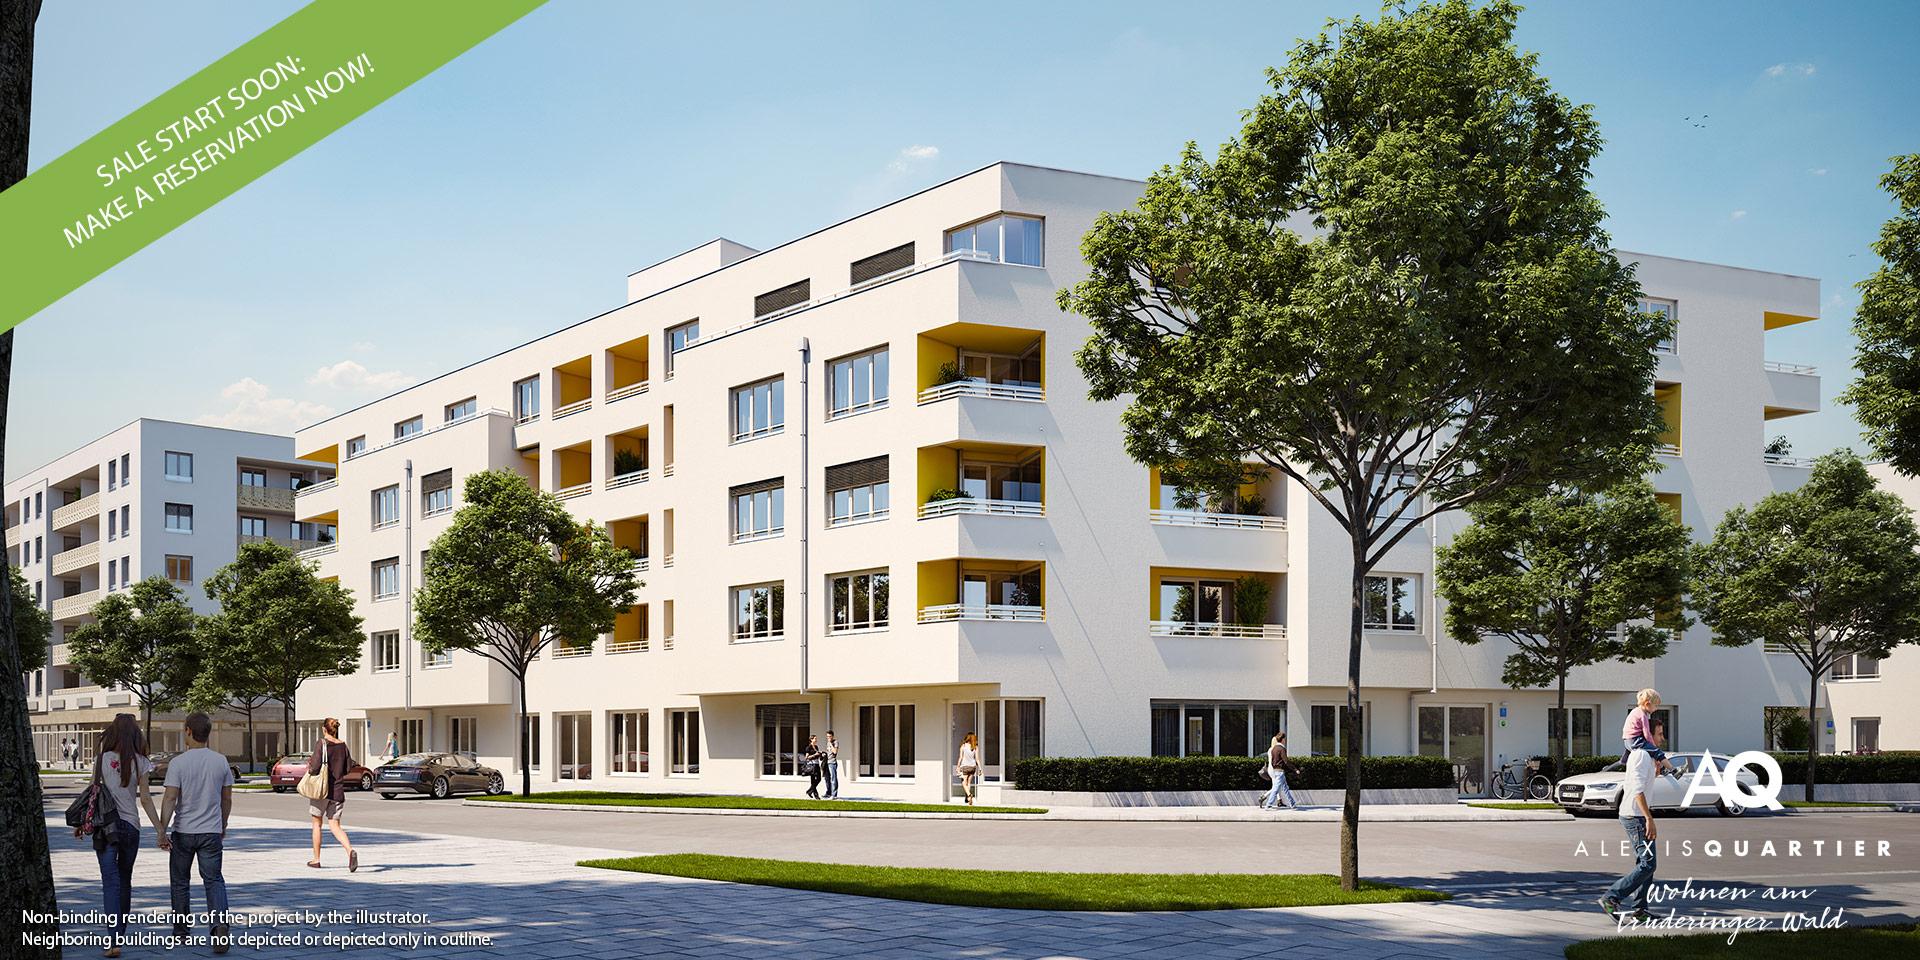 Property Munich: Alexisquartier Wohnen am Truderinger Wald